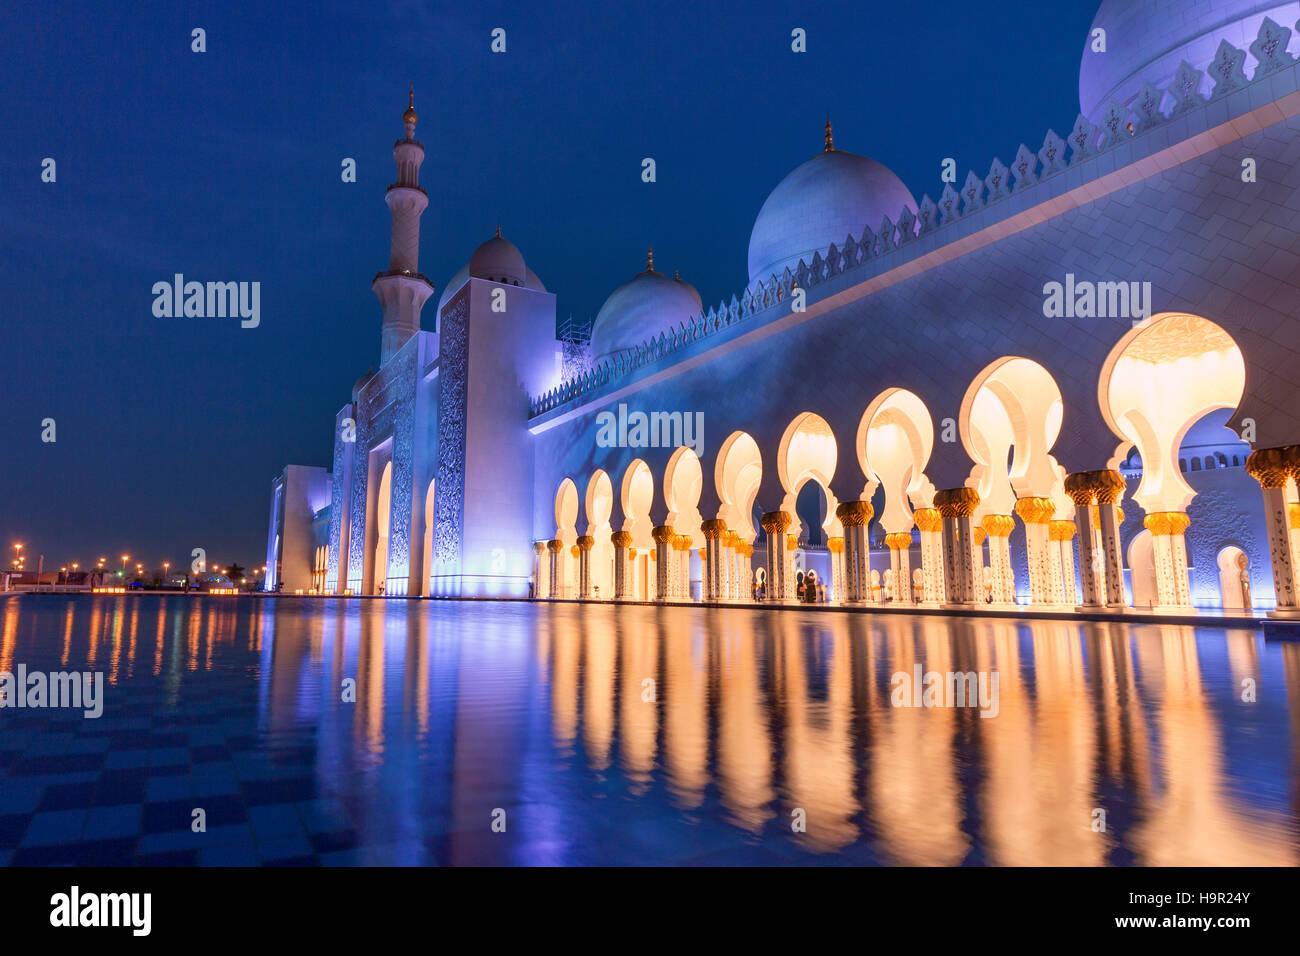 Wasser vor Scheich-Zayid-Moschee, Abu Dhabi, Vereinigte Arabische Emirate, Vereinigte Arabische Emirate Stockbild